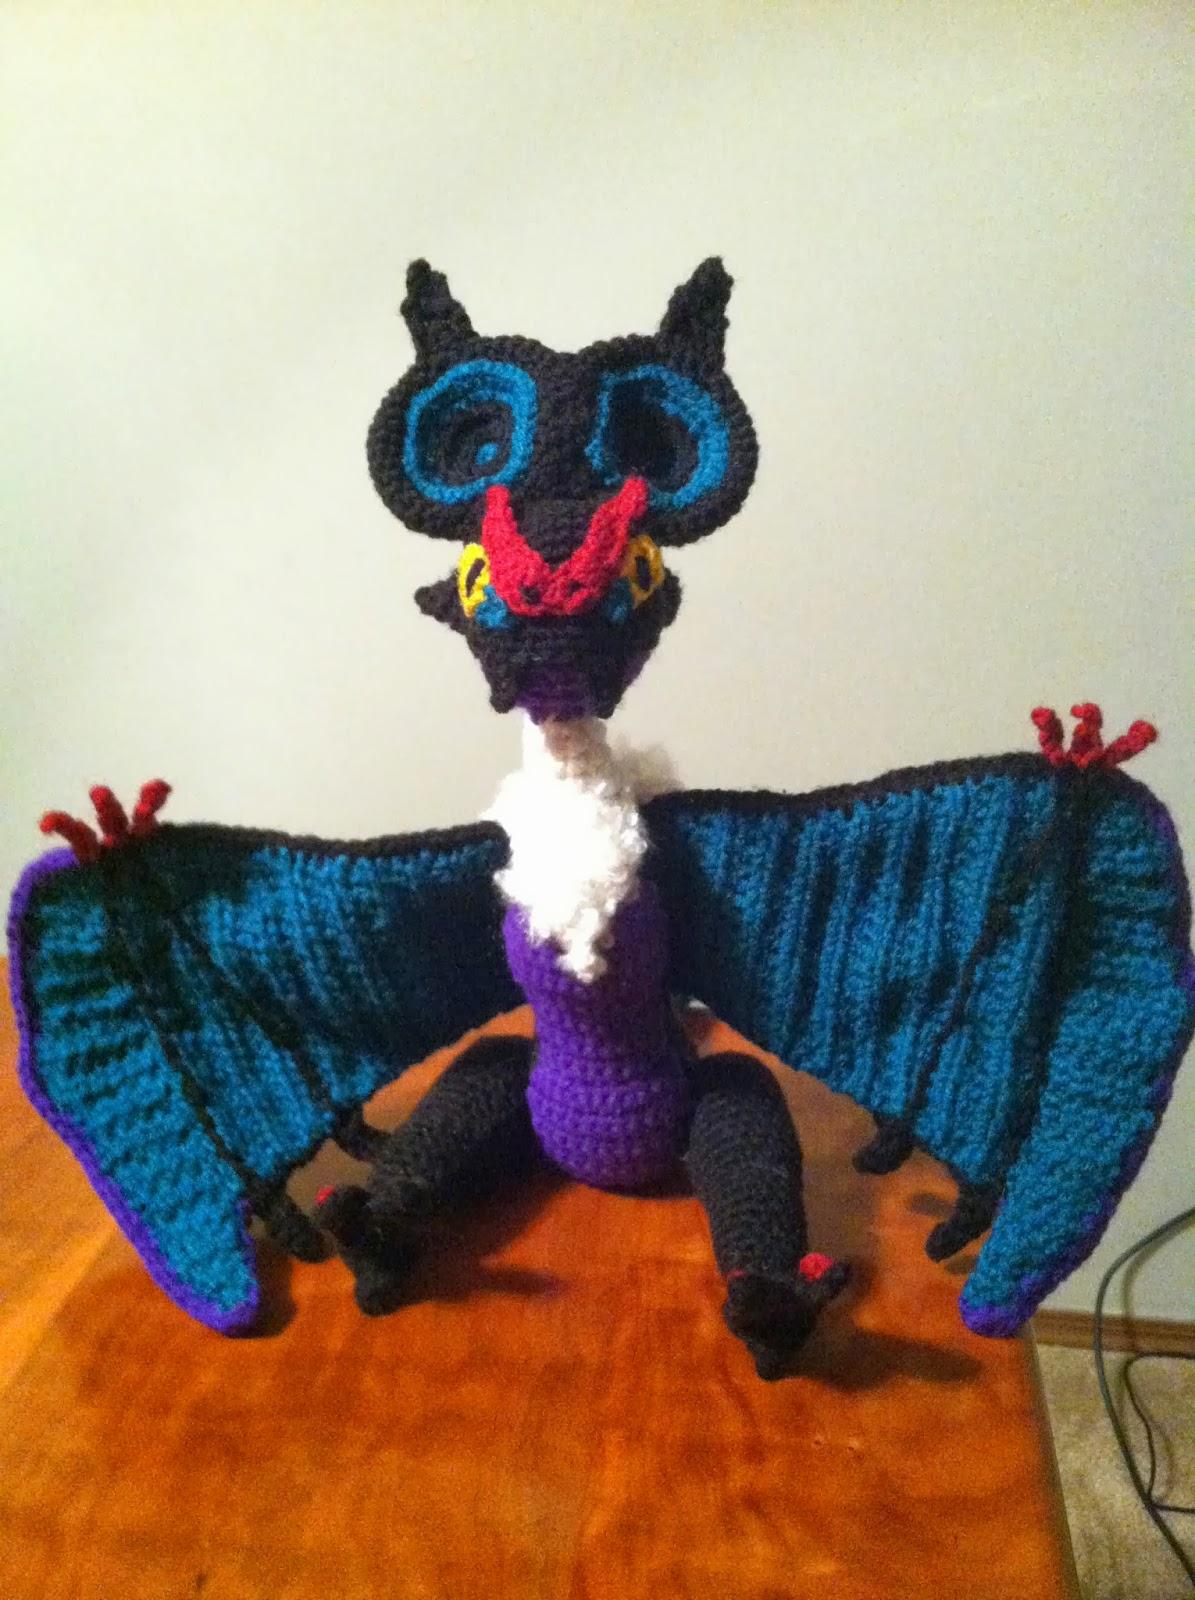 Plush Heart Knitting Pattern : Heart in Flight Crochet: Noivern Crochet Plush Pattern